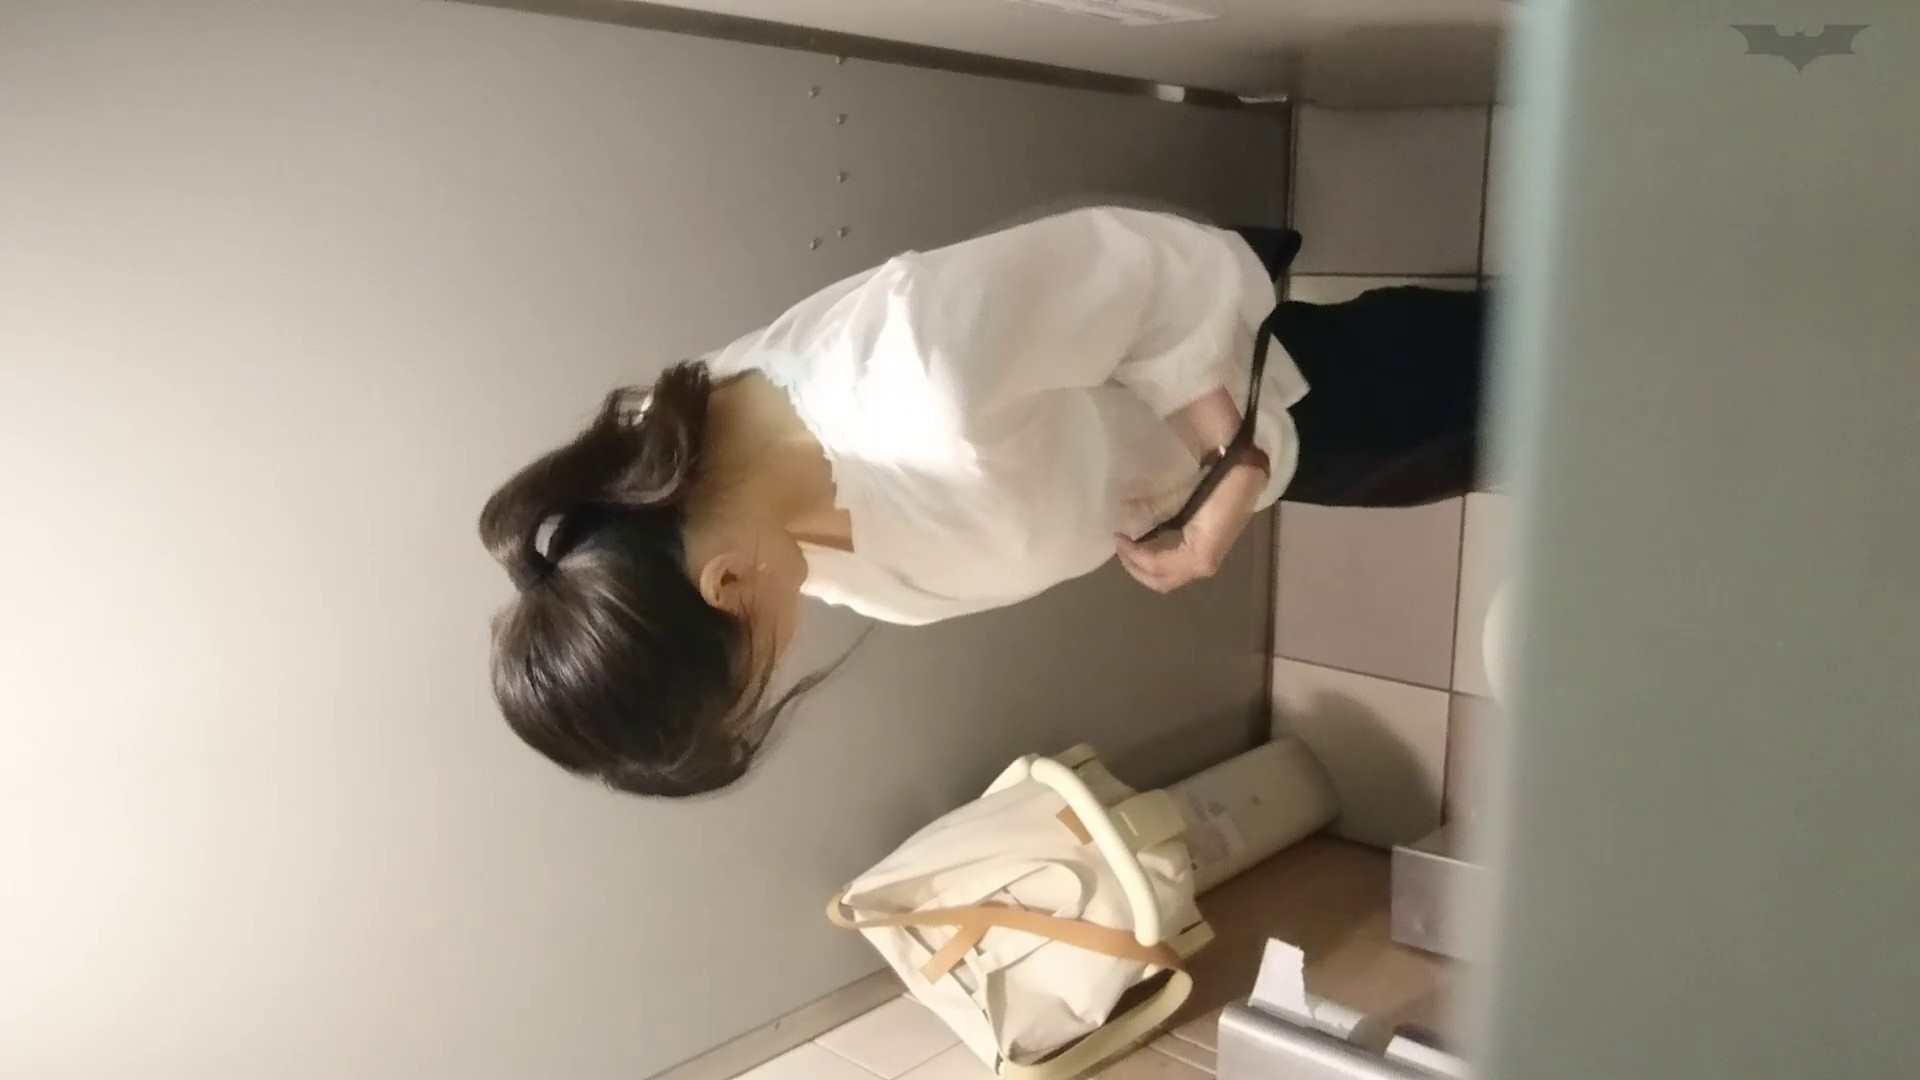 化粧室絵巻 ショッピングモール編 VOL.22 高画質 ヌード画像 111枚 38